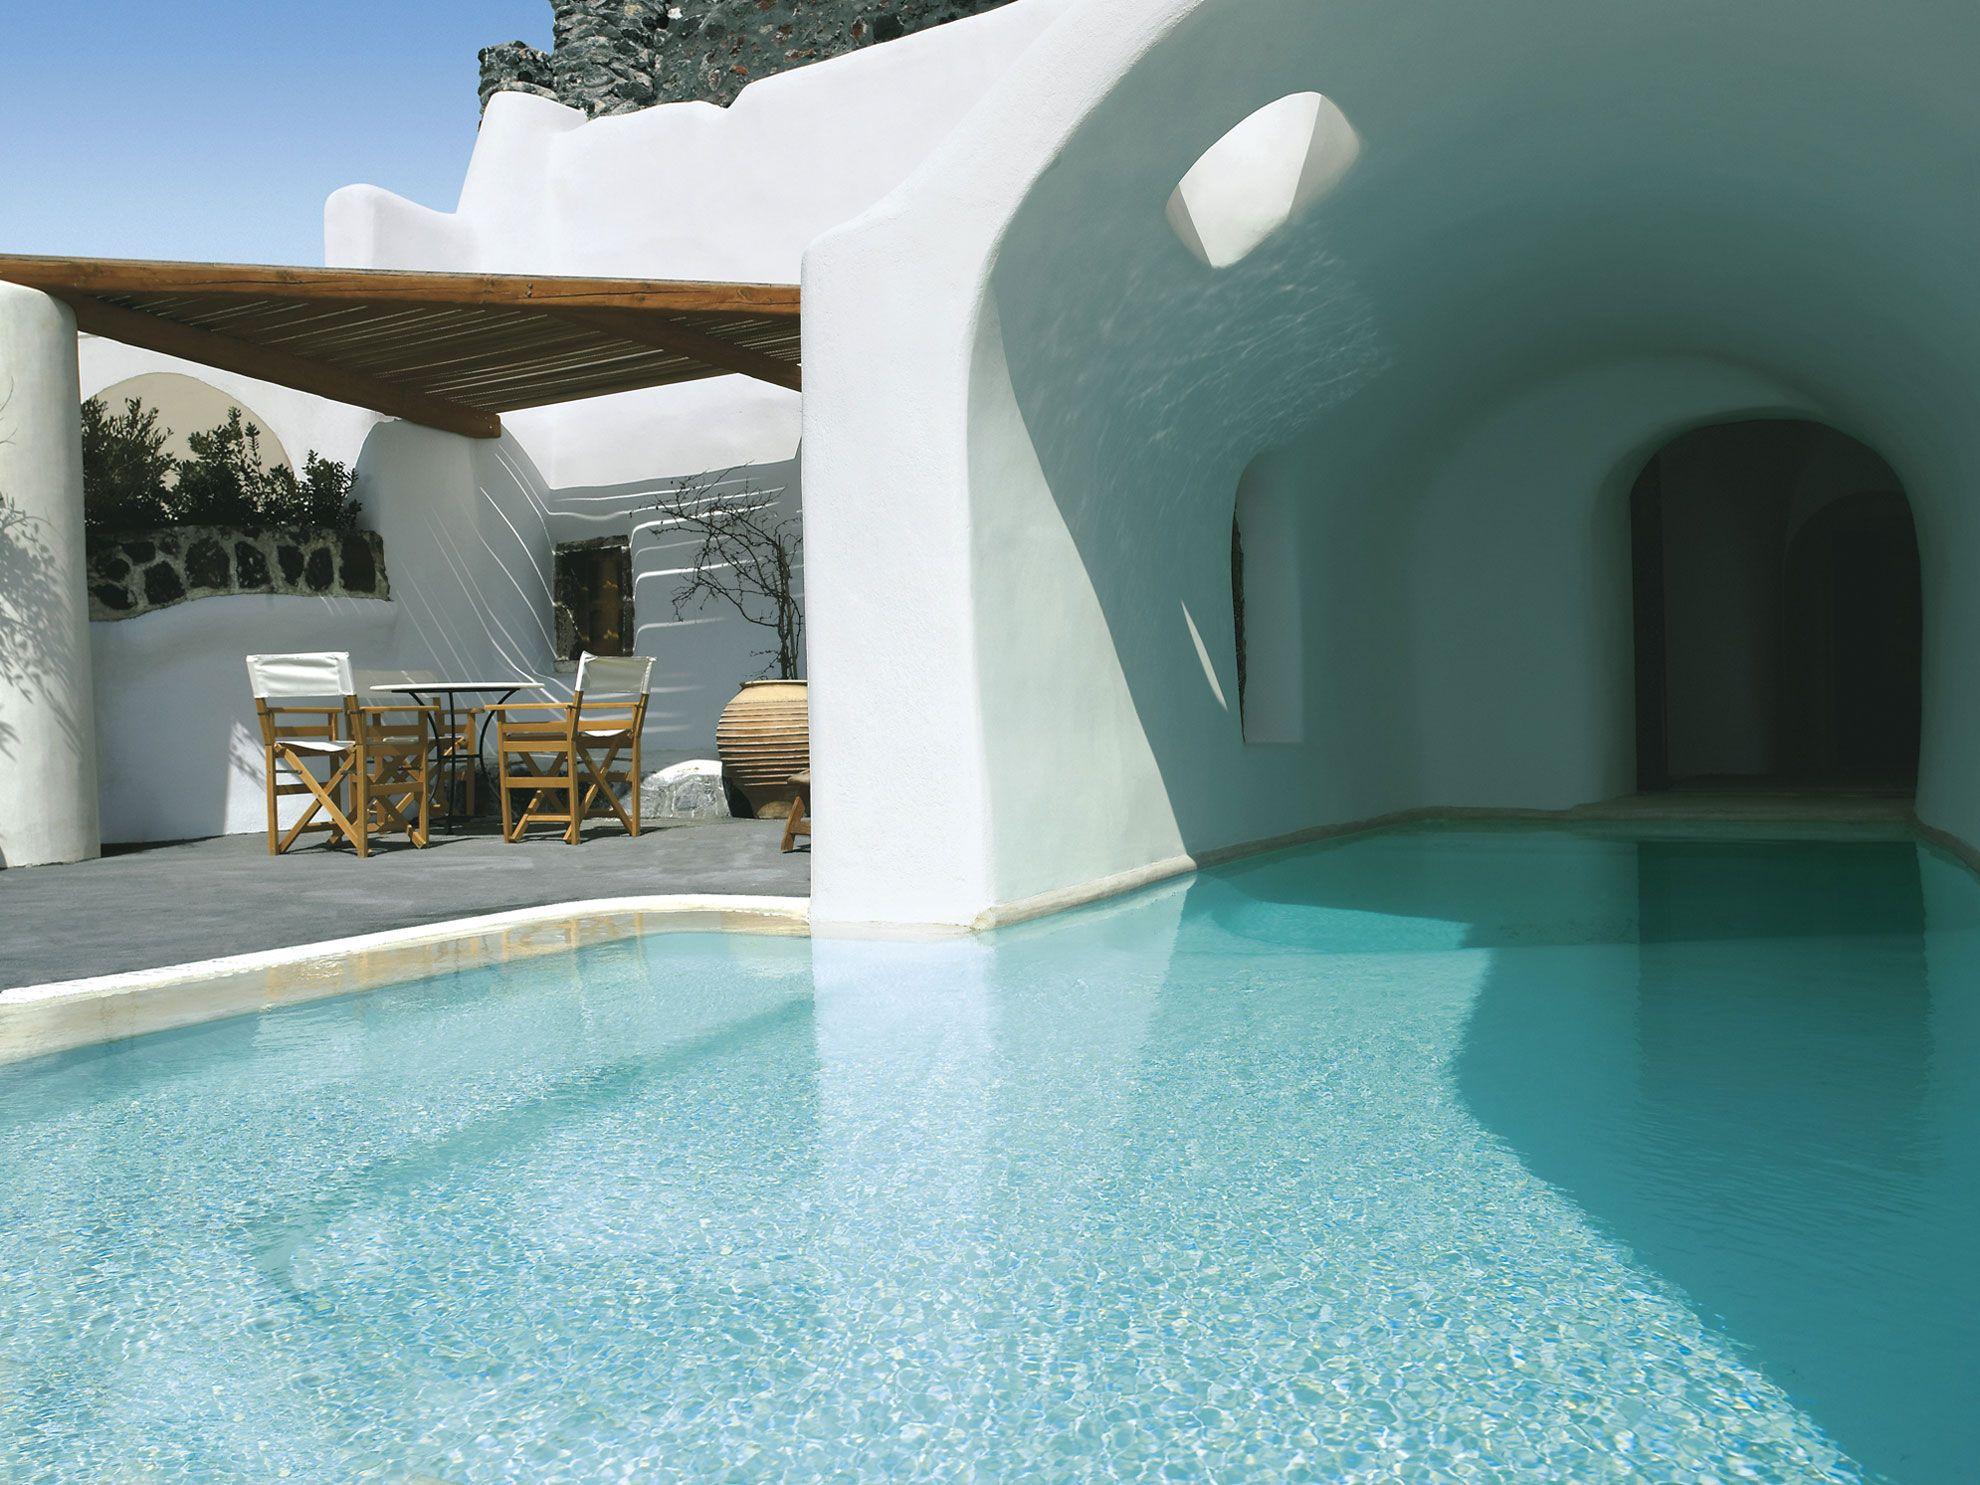 Private indoor pool suites  Perivolas Oia Santorini | Oia santorini, Outdoor pool and Volcanic ...